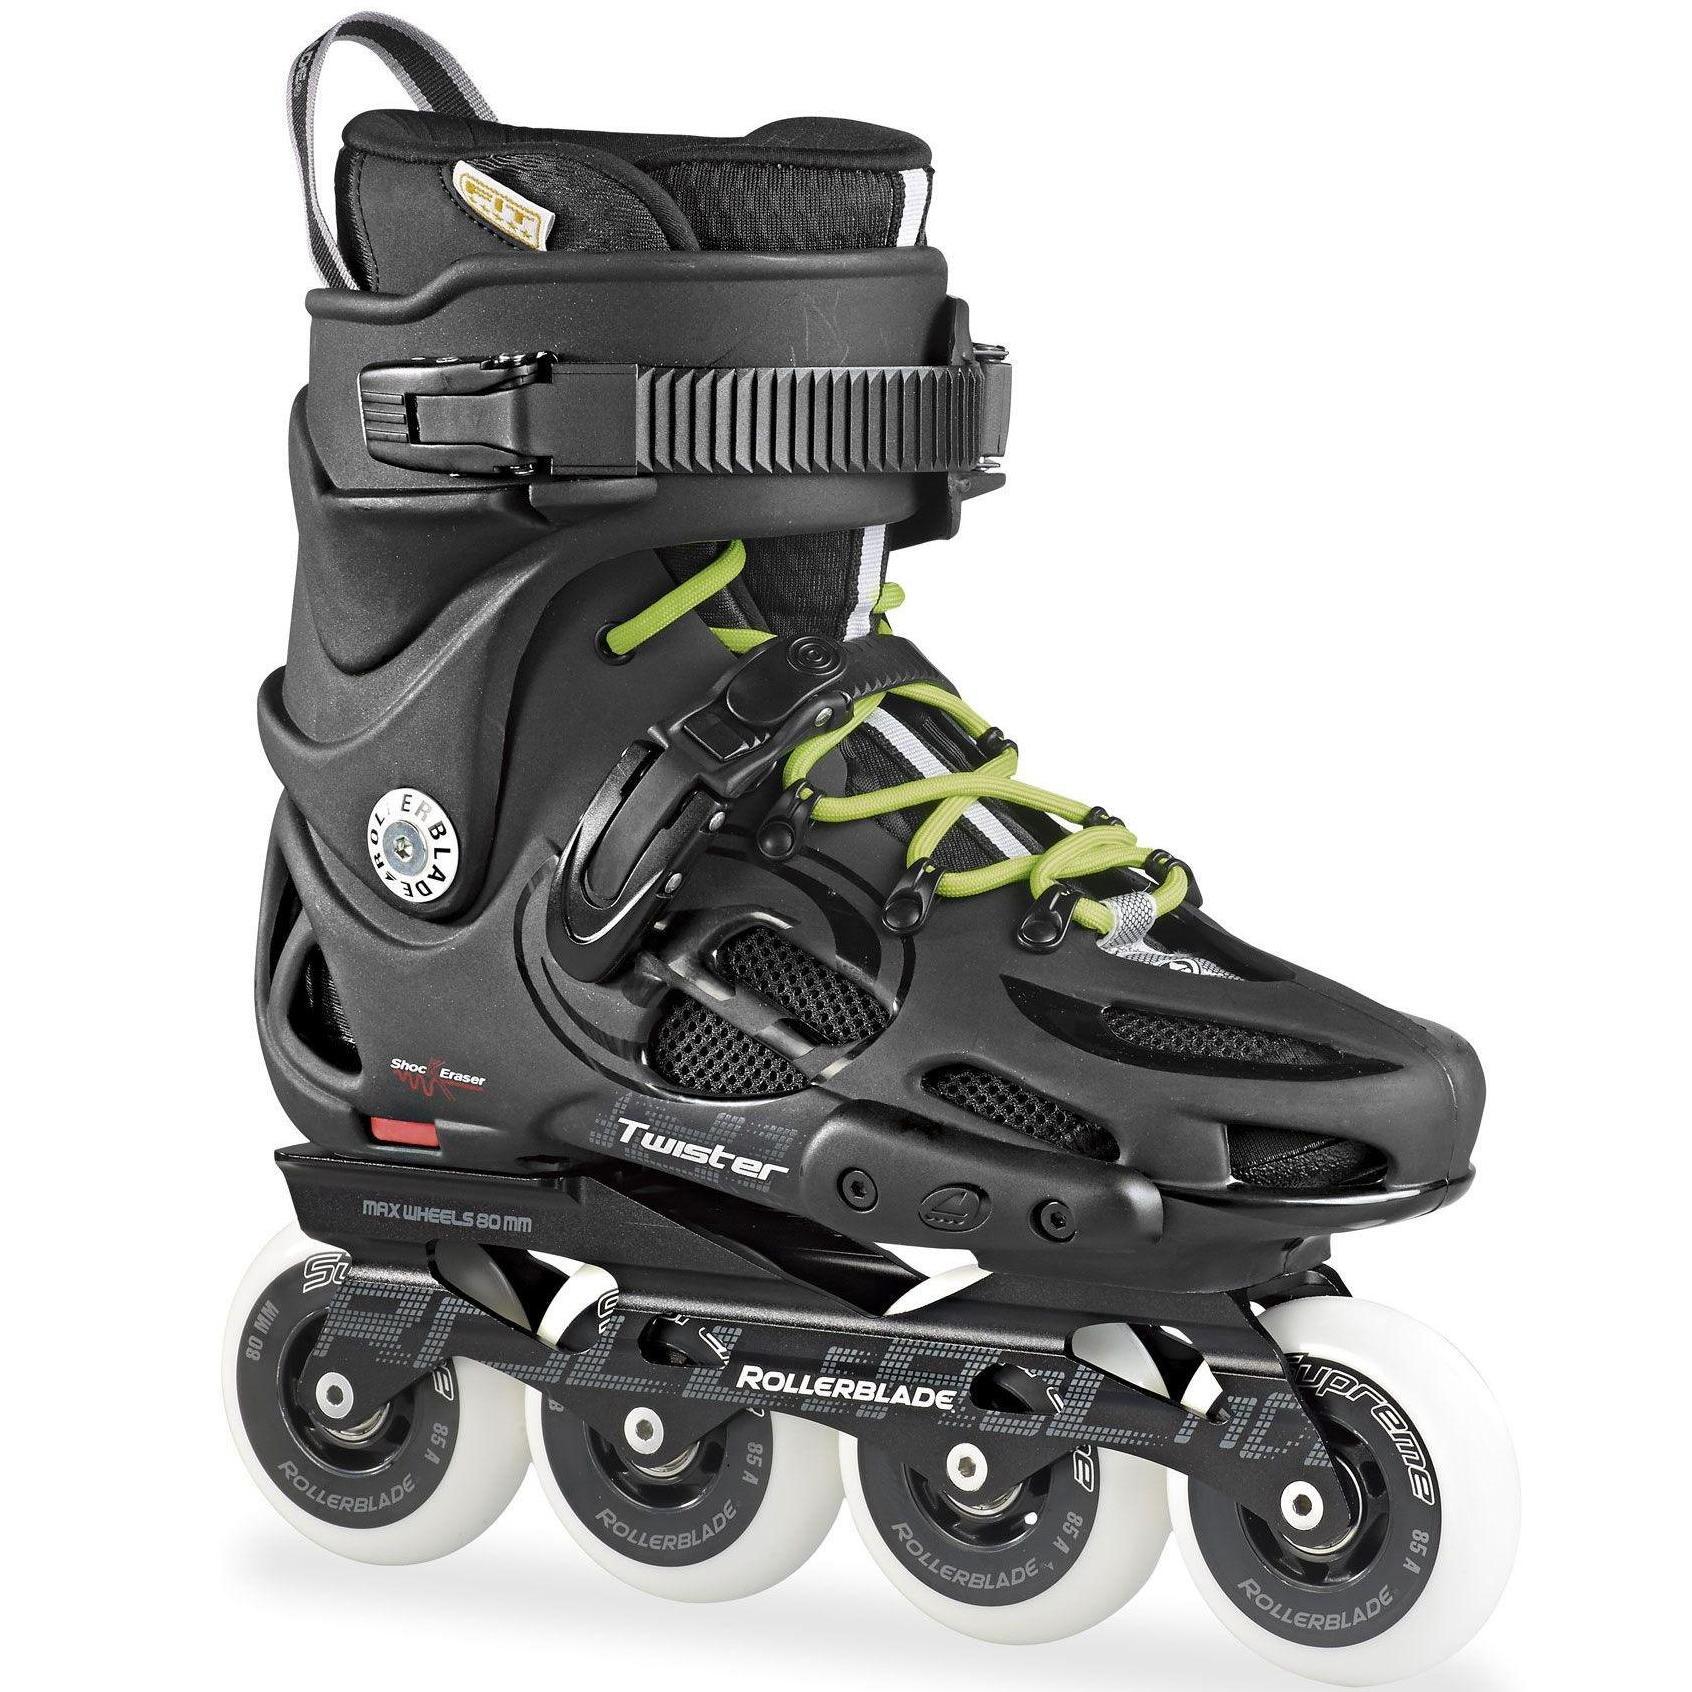 Купить Роликовые коньки Rollerblade 2016 TWISTER 80 BLACK/GREY / чёрный/серый Ролики взрослые 1177987